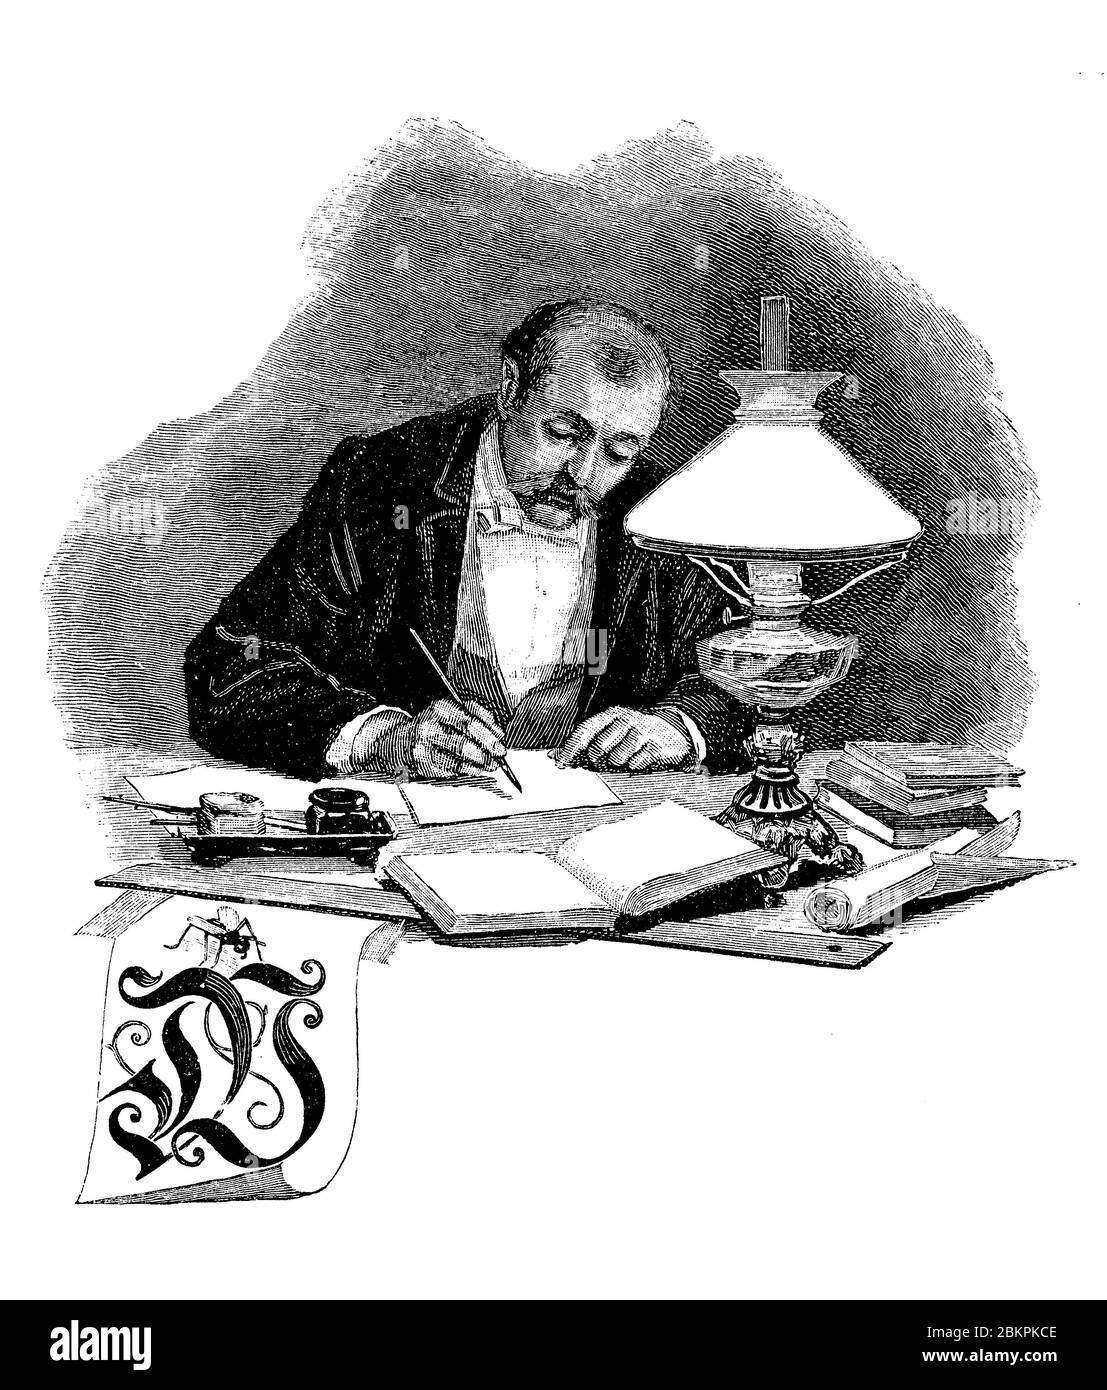 Tipografia: Lettera W capitolo frontespizio, vignetta decorativa di un uomo seduto alla sua scrivania con libri, scrivendo una lettera con penna e inchiostro Foto Stock